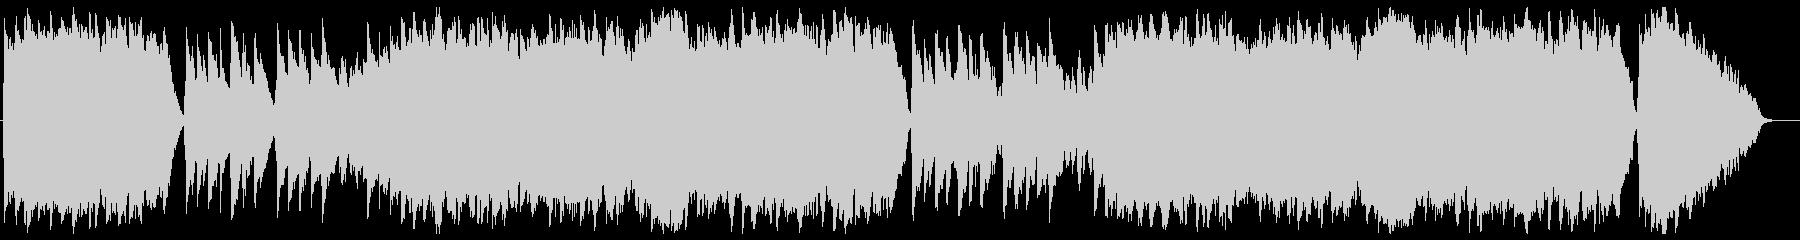 オーラ・リー(ラブ・ミー・テンダー原曲)の未再生の波形